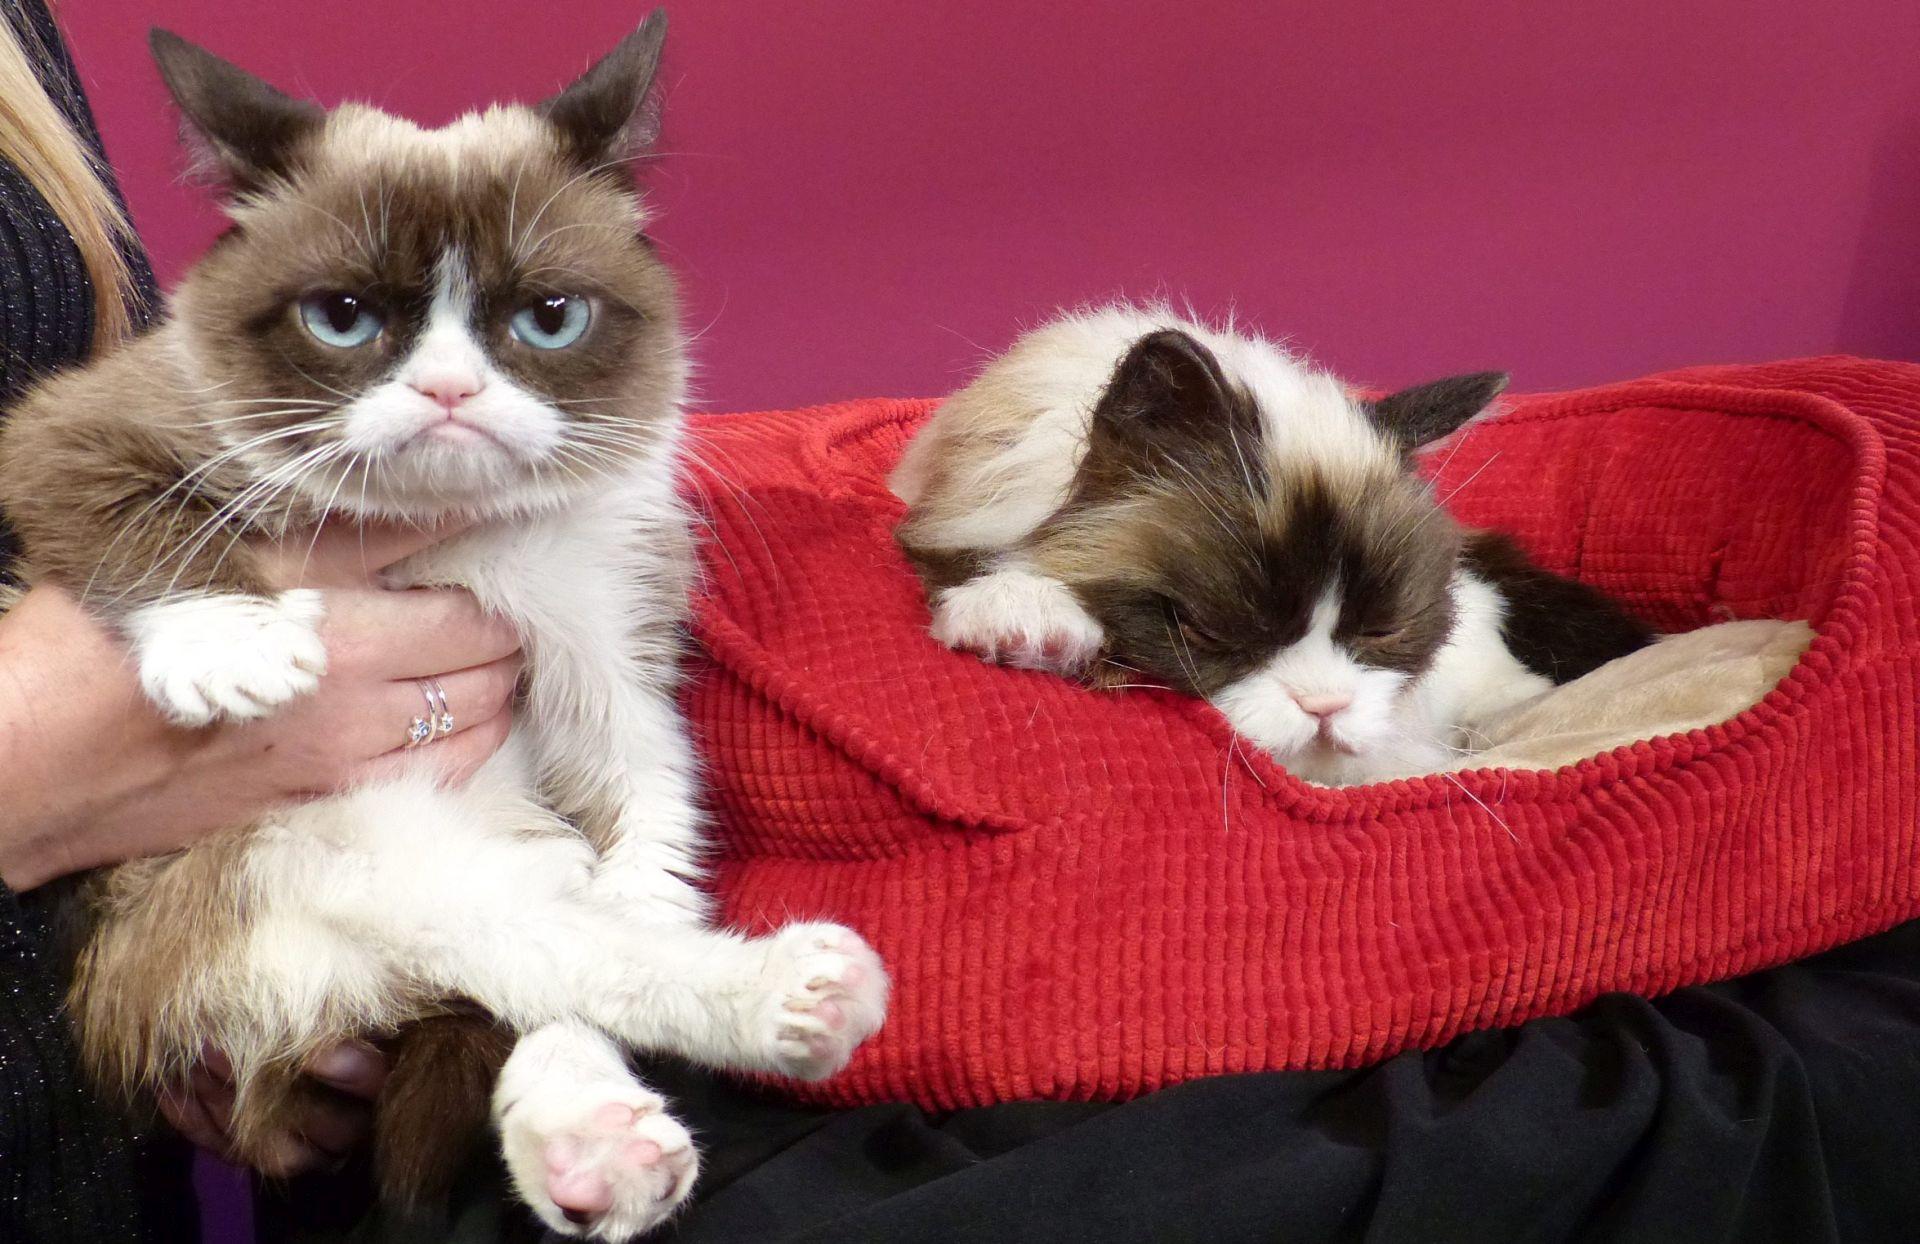 VIDEO: Slavna Grumpy Cat dobila dvojnika u Muzeju Madame Tussauds u San Franciscu